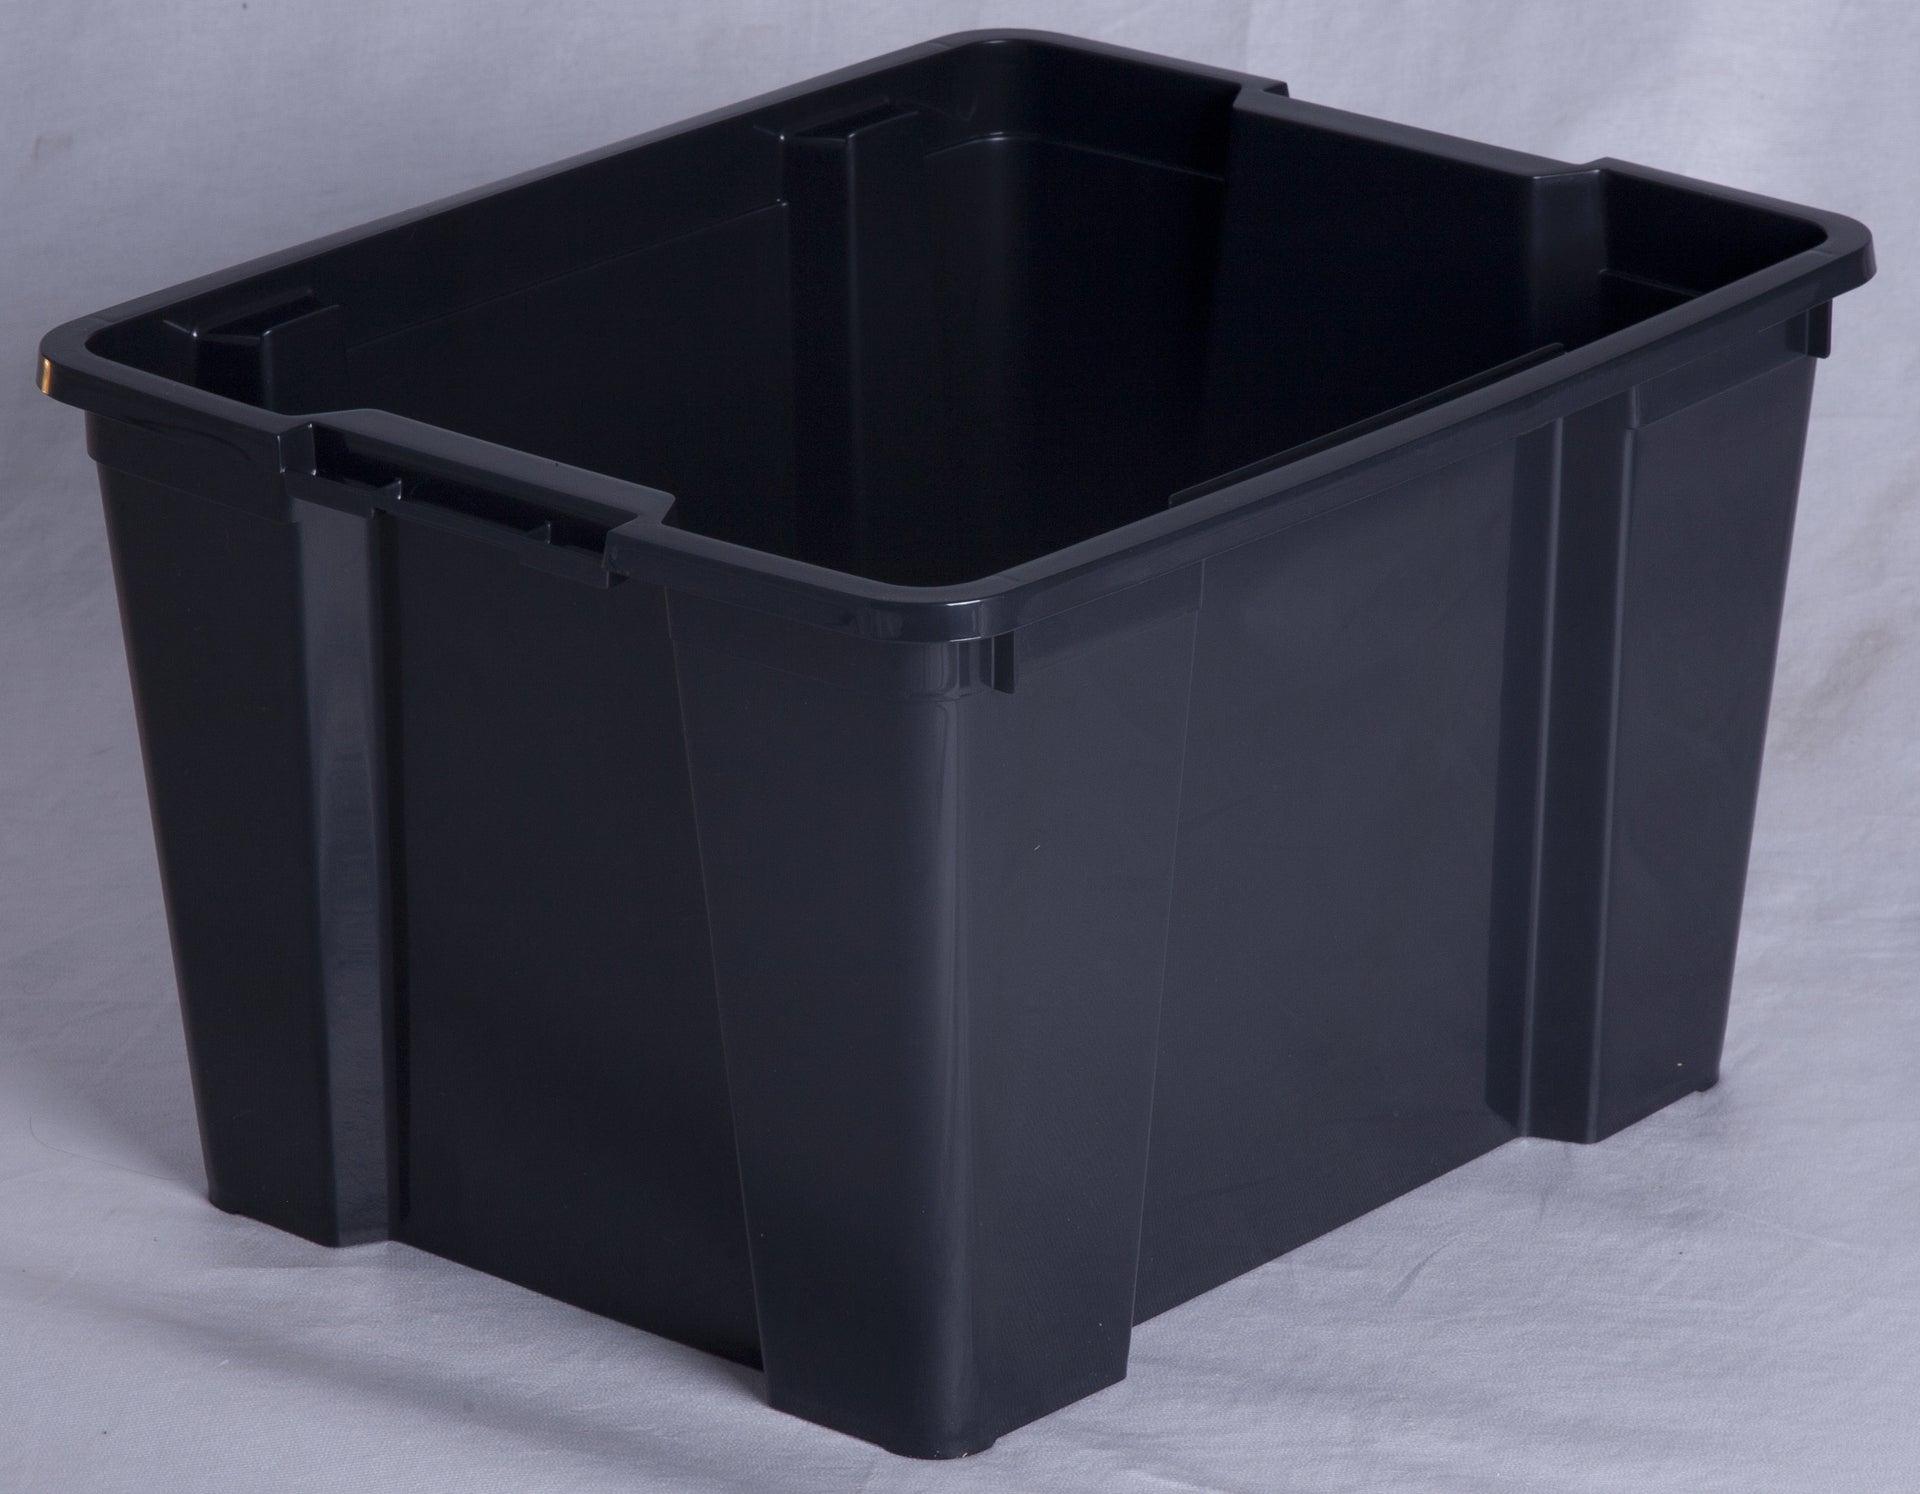 Bac De Manutention Plastique L45 X P35 X H266 Cm